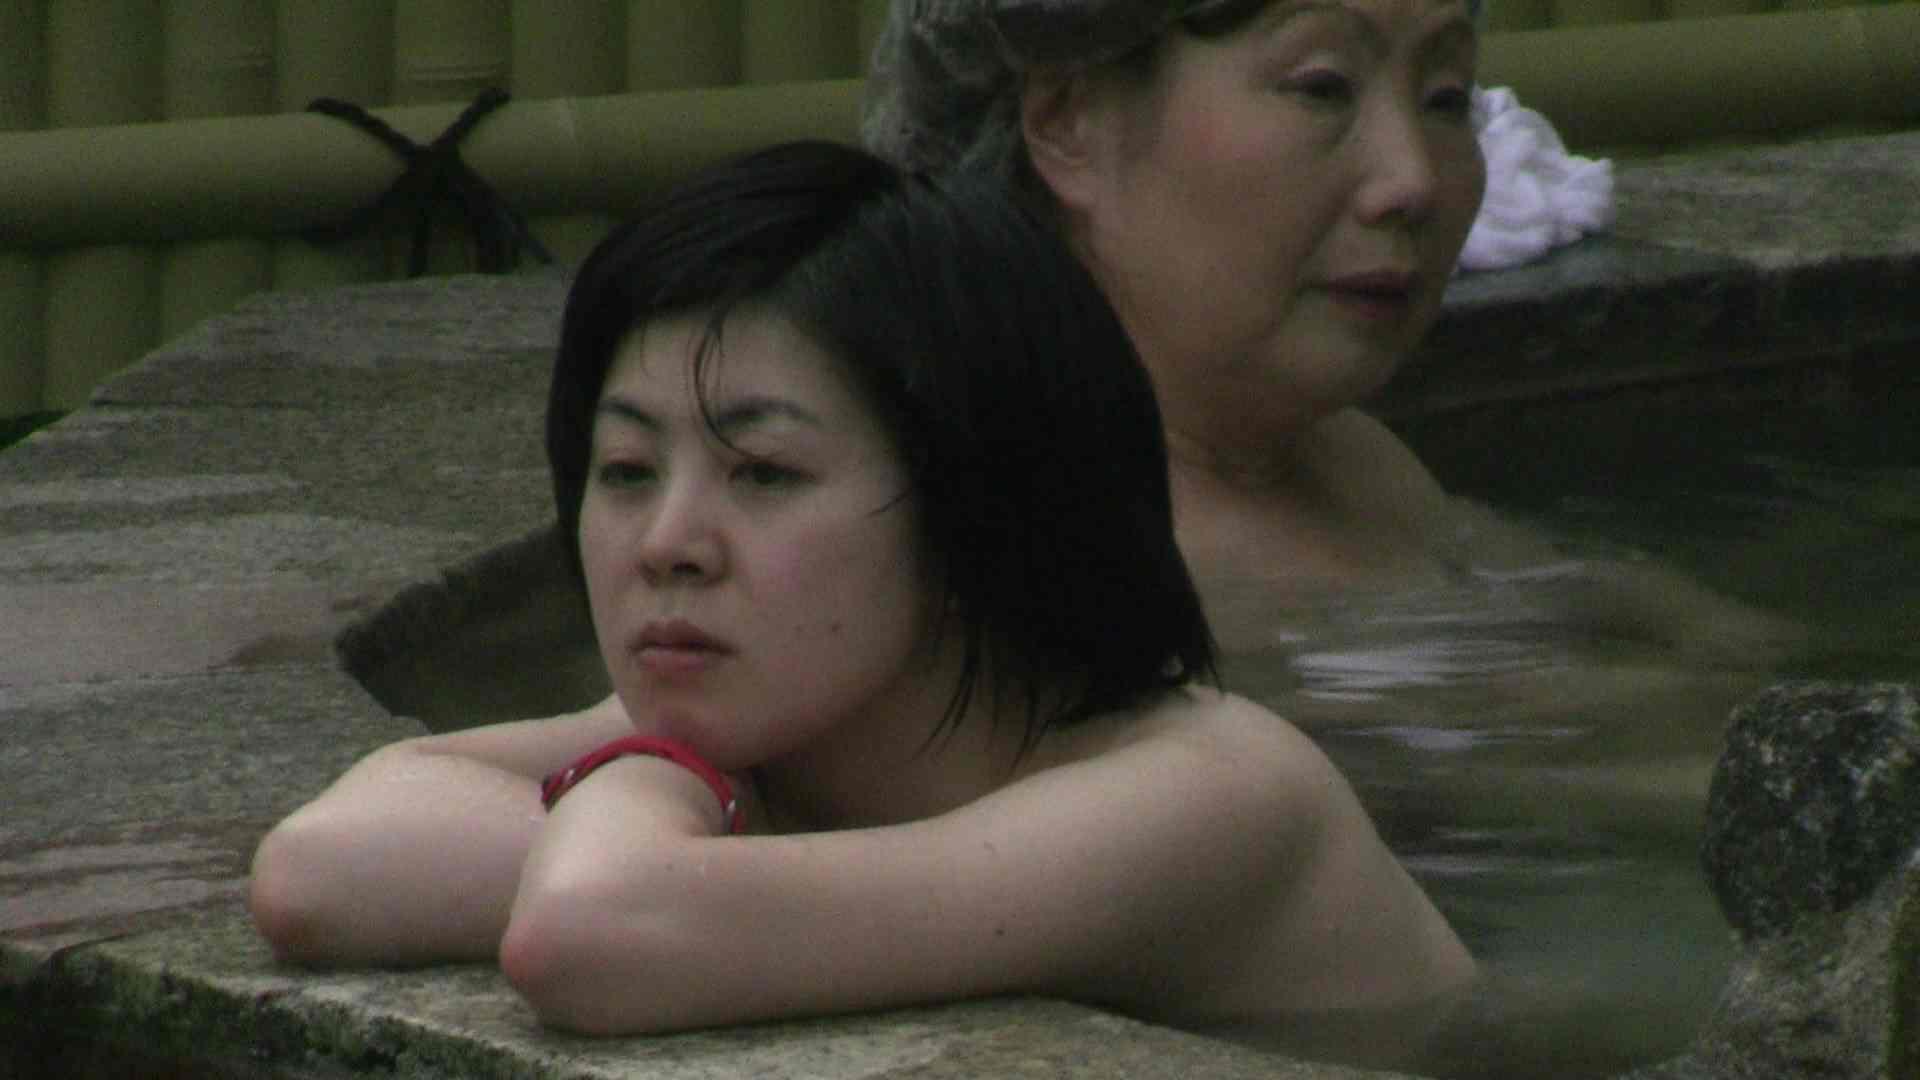 Aquaな露天風呂Vol.685 0  60pic 6